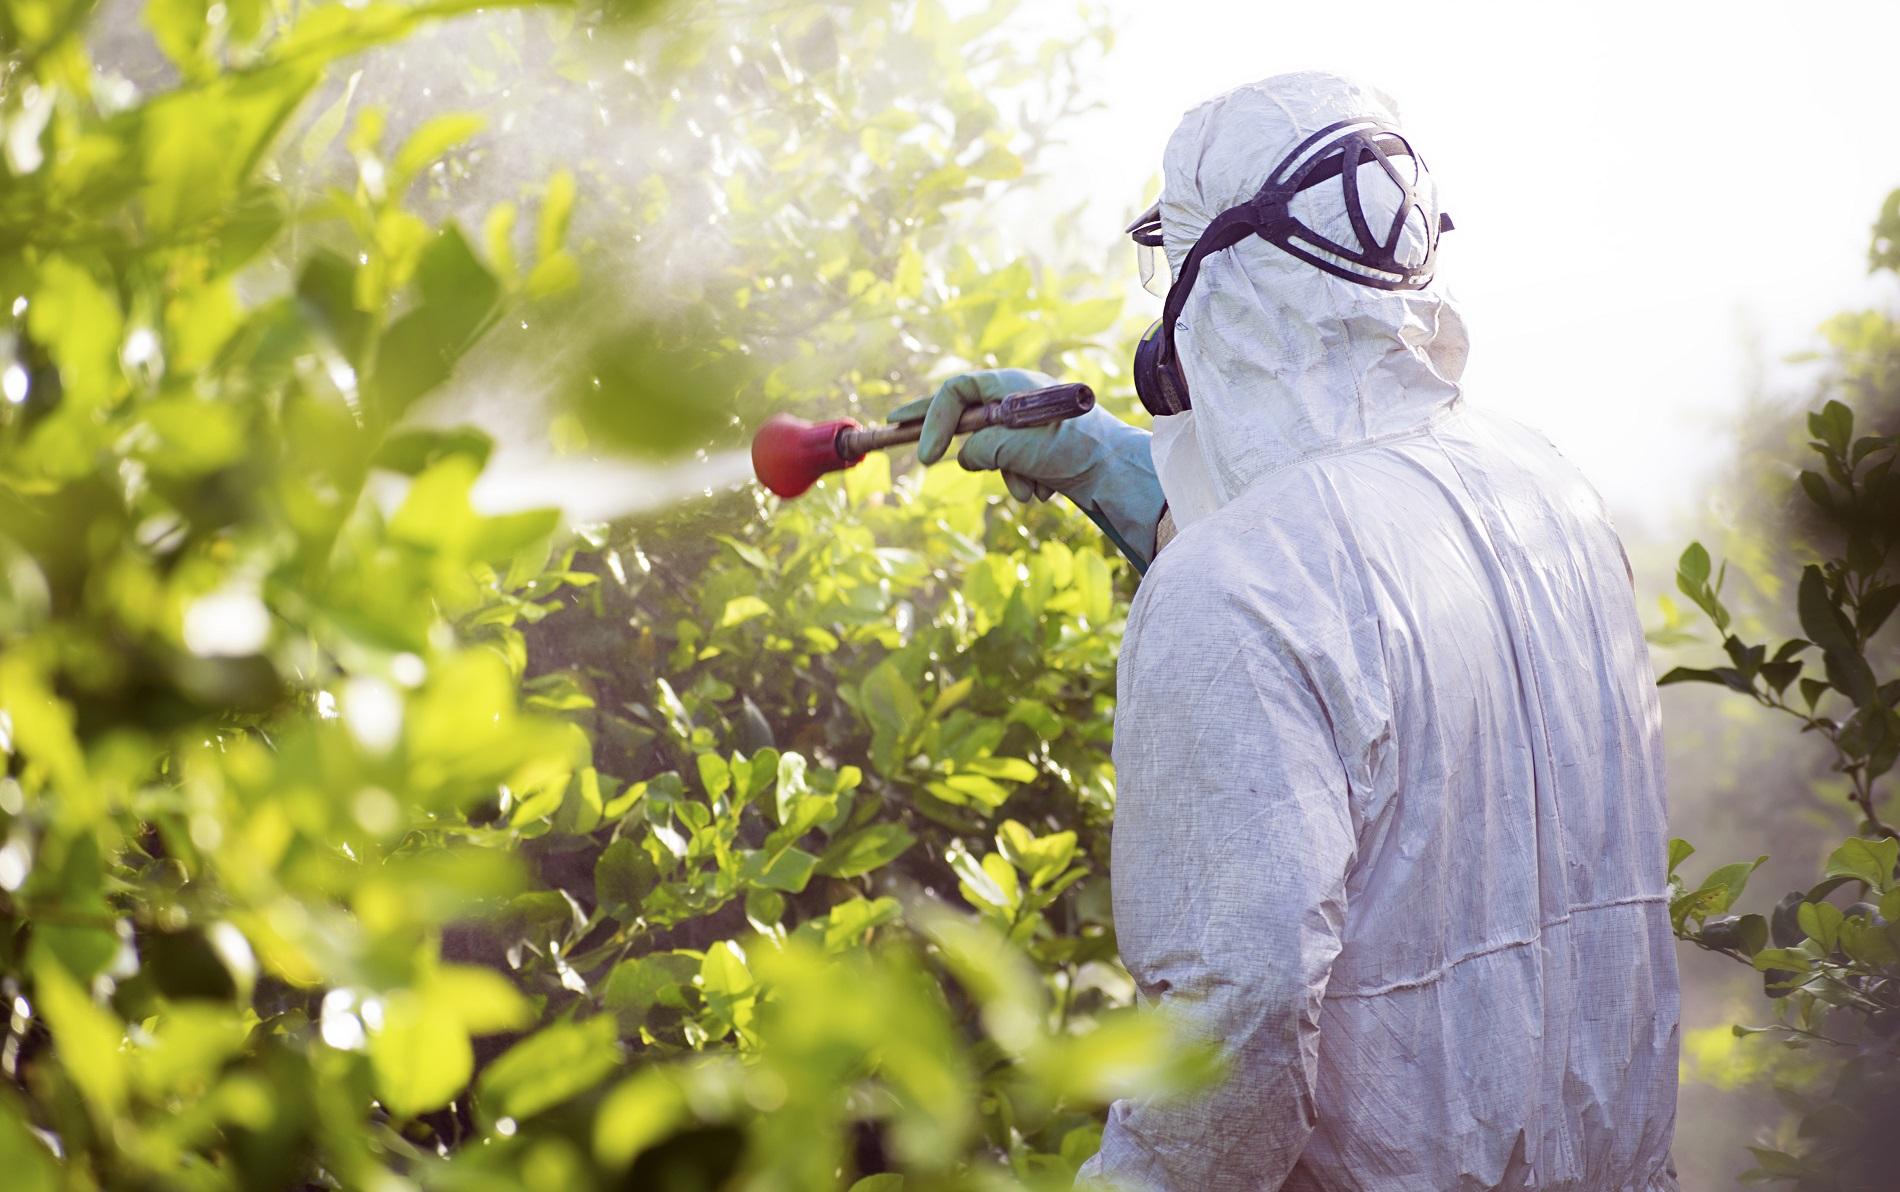 Buenas prácticas agrícolas: limpieza de tus equipos de aplicación